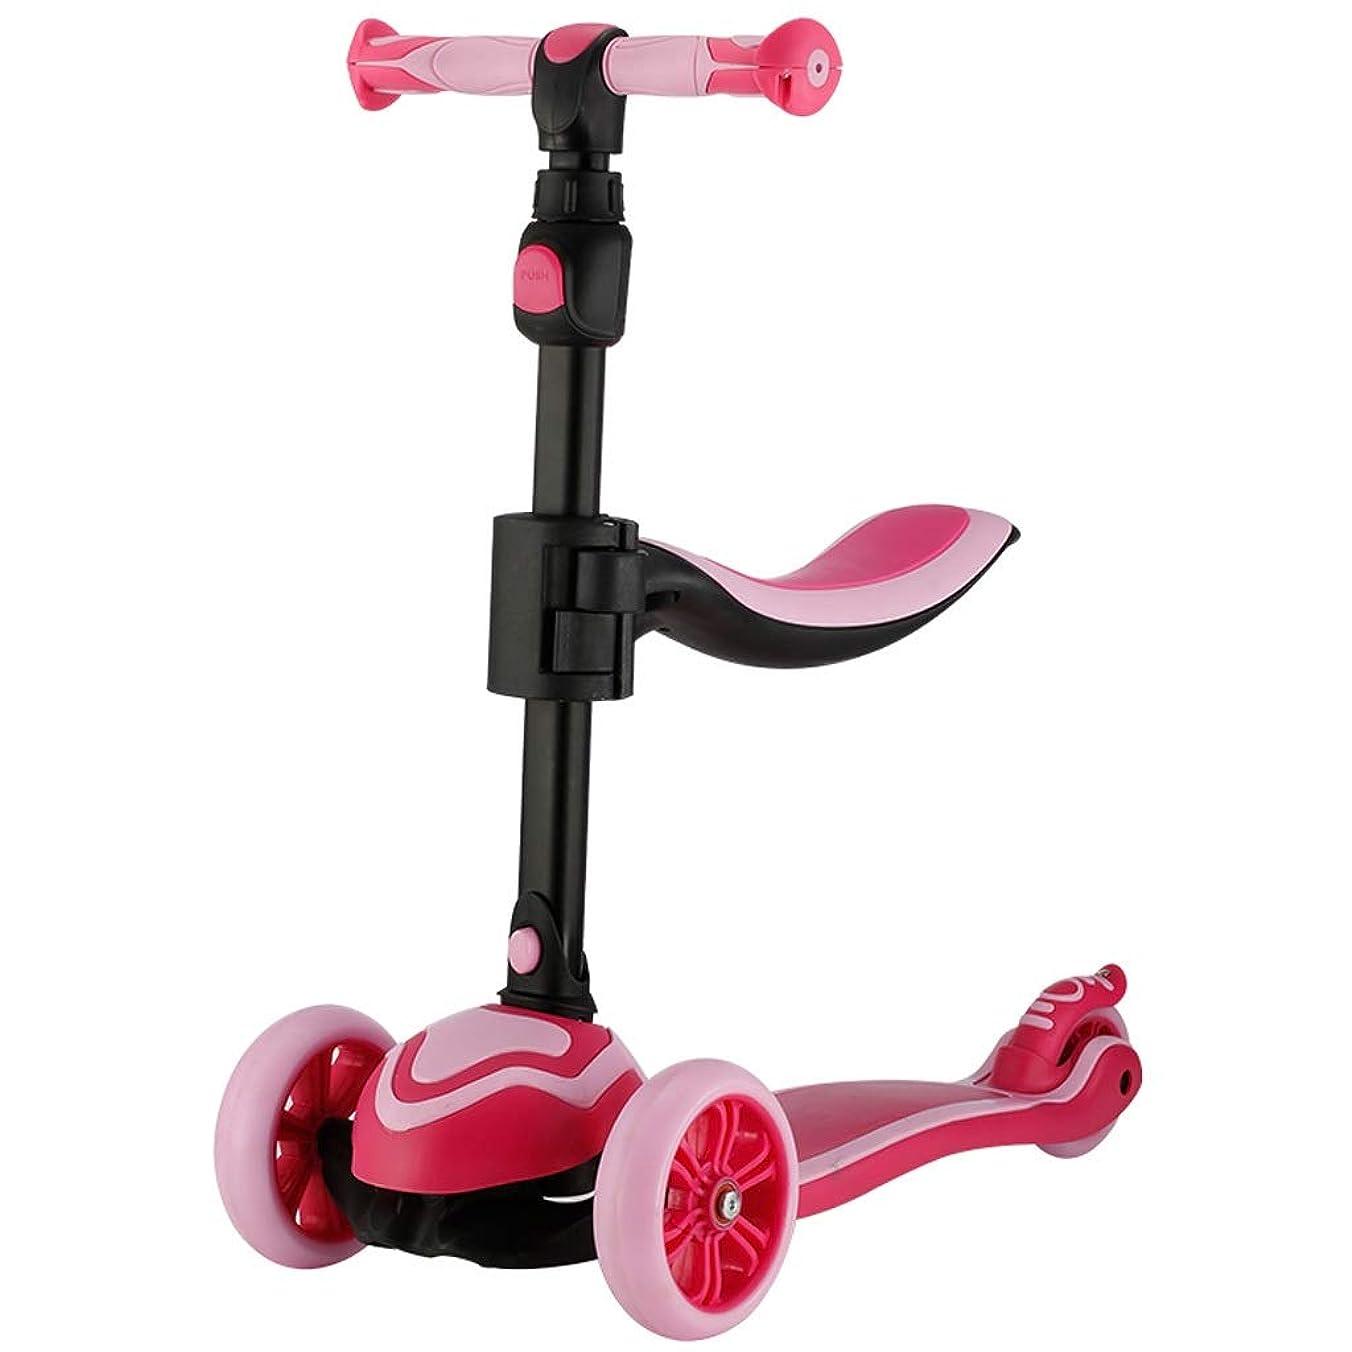 ズームインする振るう危機ファッション子供スクーター、調節可能な高さミニ子供キックスクーターでシート3ホイール男の子女の子2-12年古いクイック分解